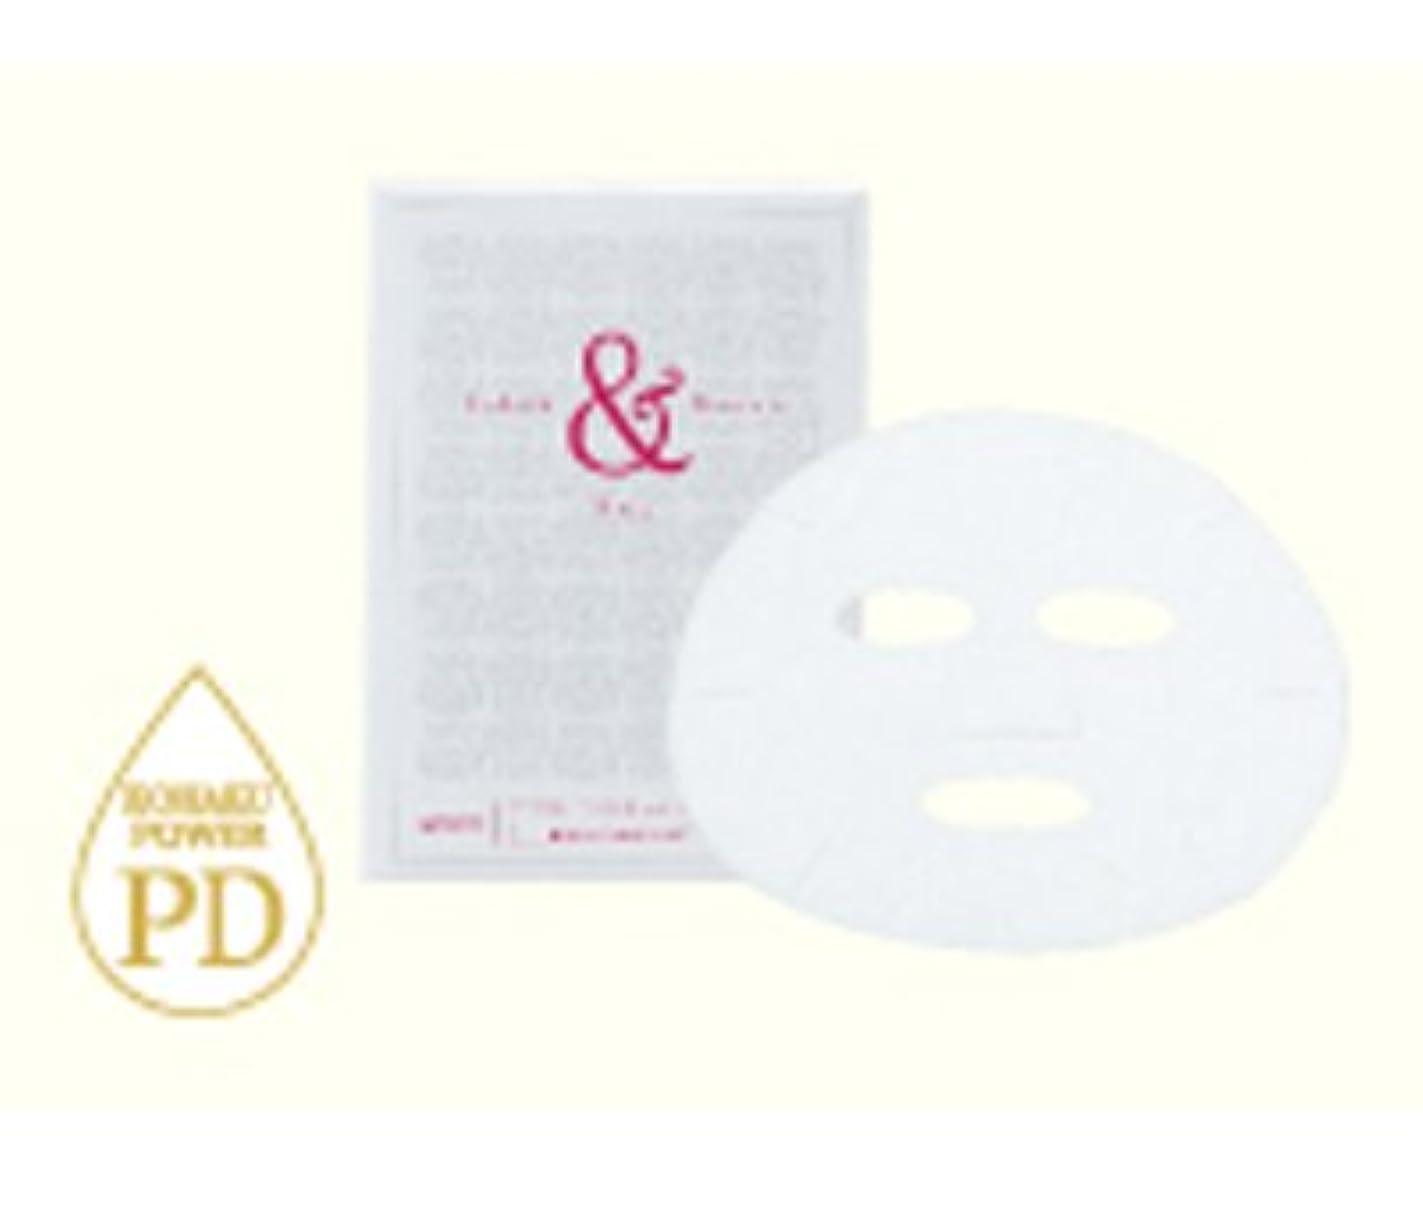 生む百万アリスヤマノ インナー&アウタービューティー 琥珀&プラセンタマスク(美容液20ml×8枚)